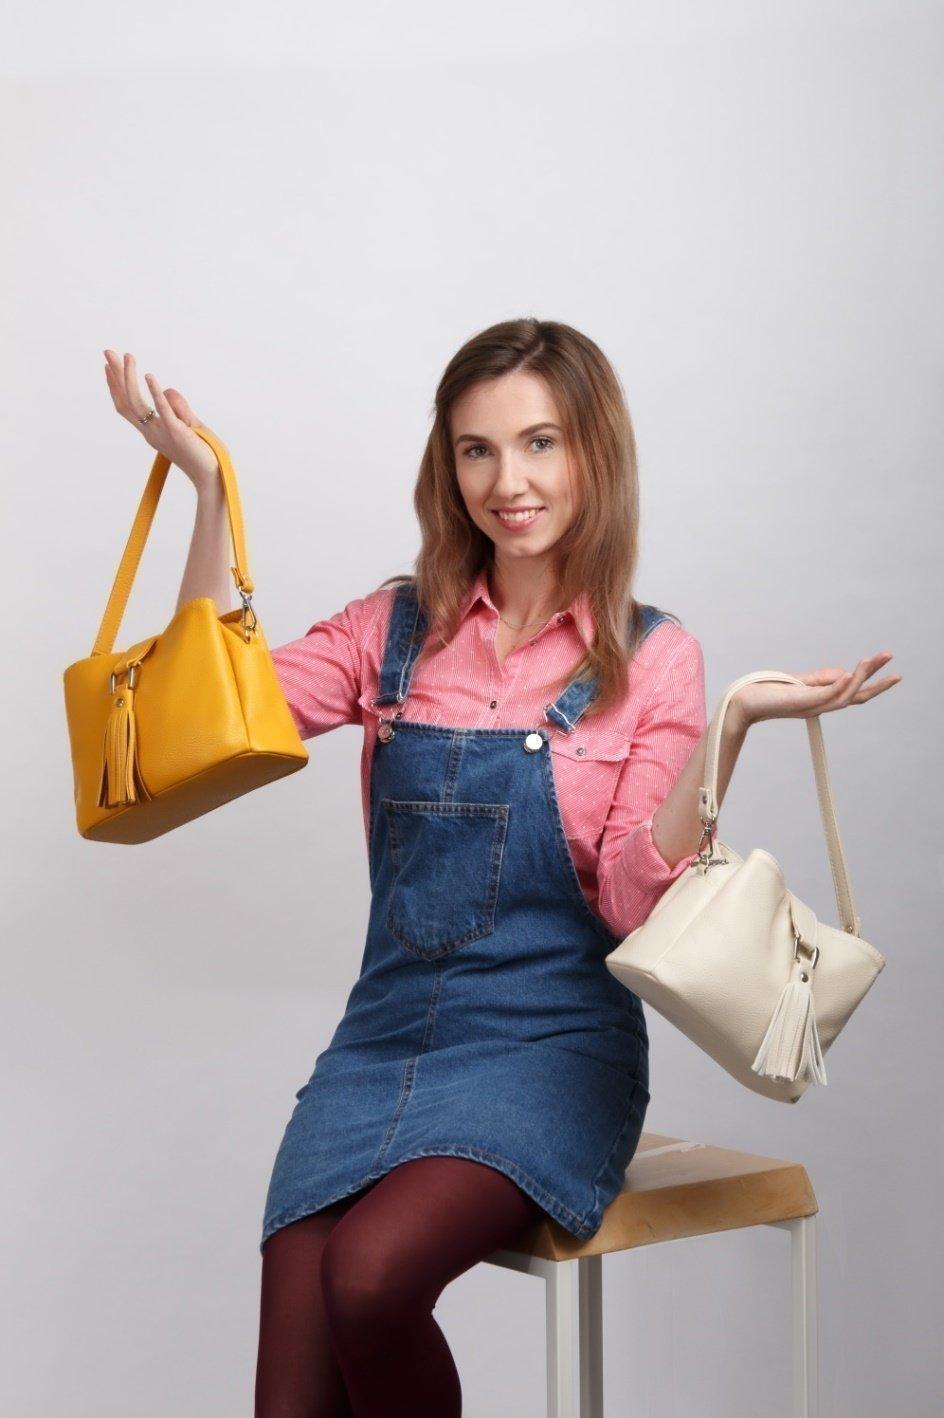 Компактная сумочка с трендовым декором в виде кисточки артикул 1004 - фотография